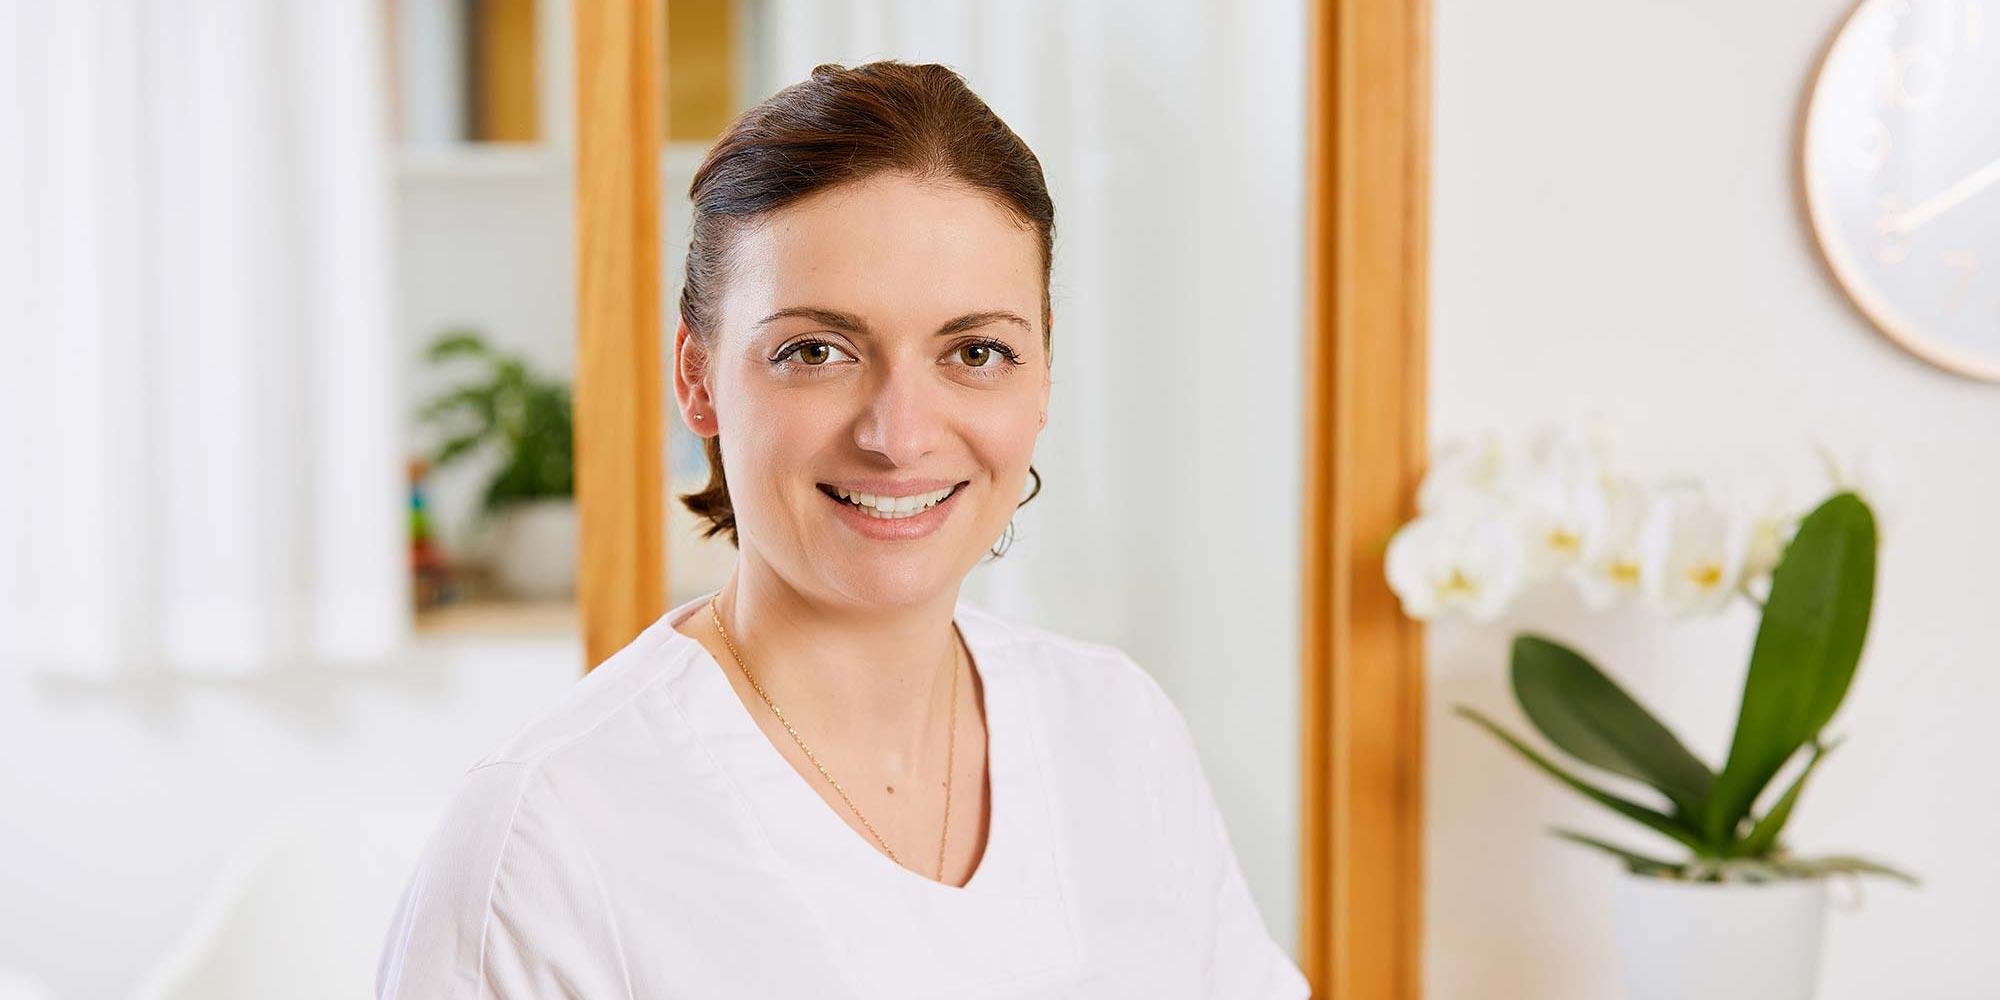 Zahnarzt Praxis Neubrunn Monika Schanzer